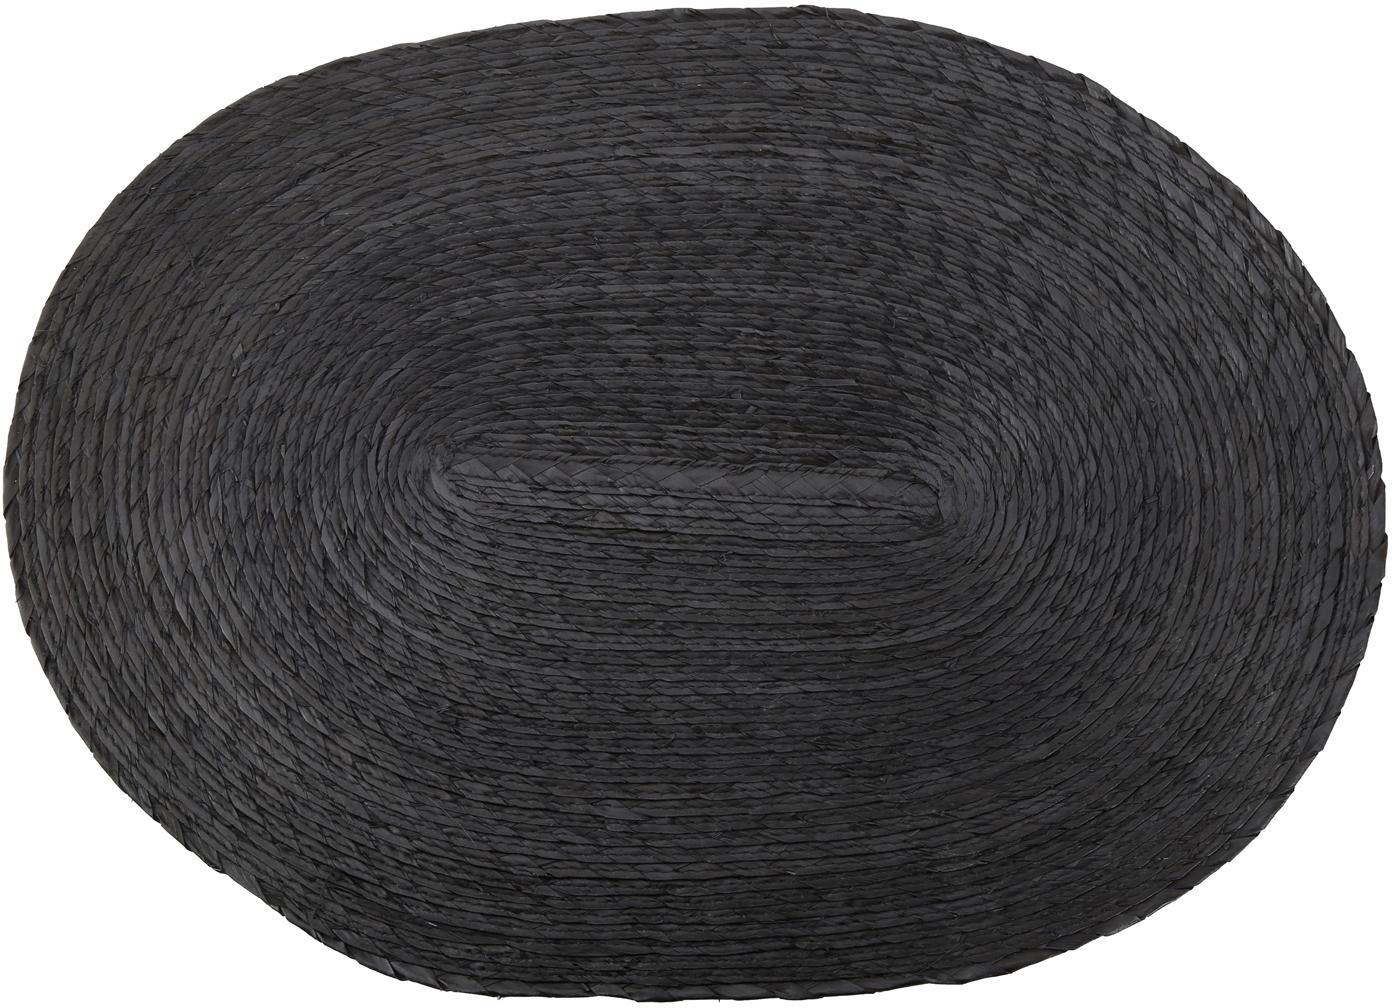 Ovale Tischsets Mineola aus Palmblättern, 2 Stück, Palmblätter, Schwarz, 33 x 46 cm